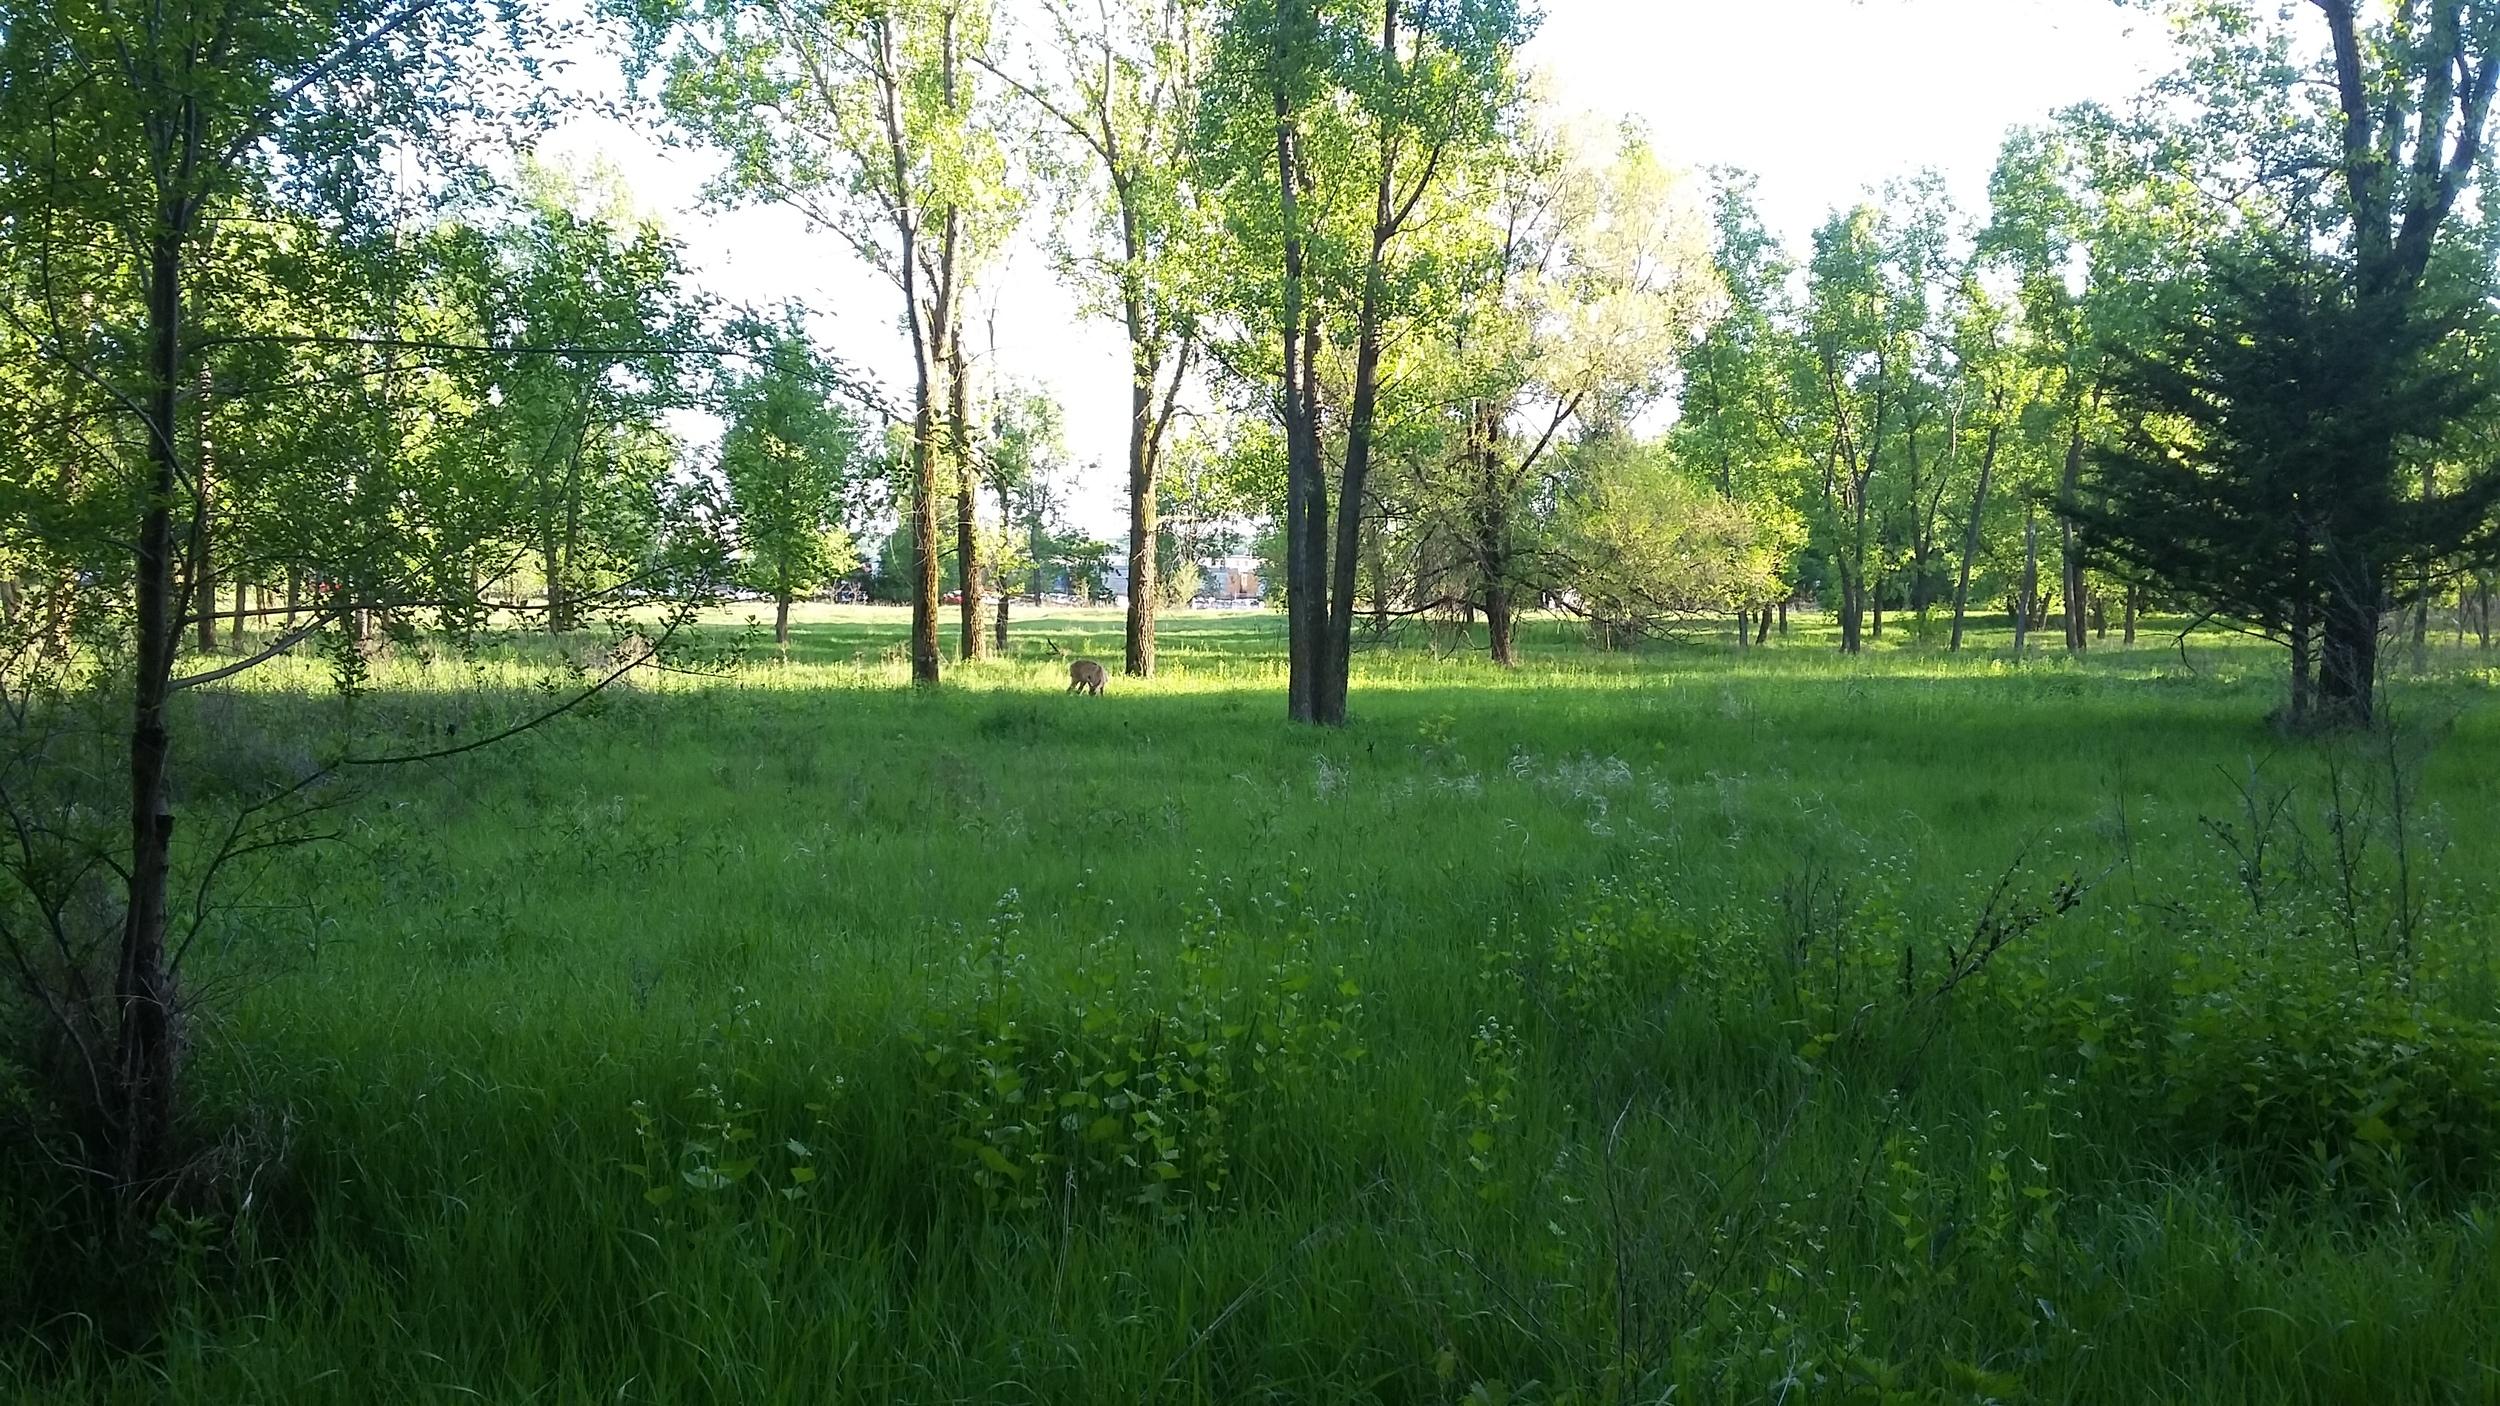 near Battle Creek, St. Paul, MN